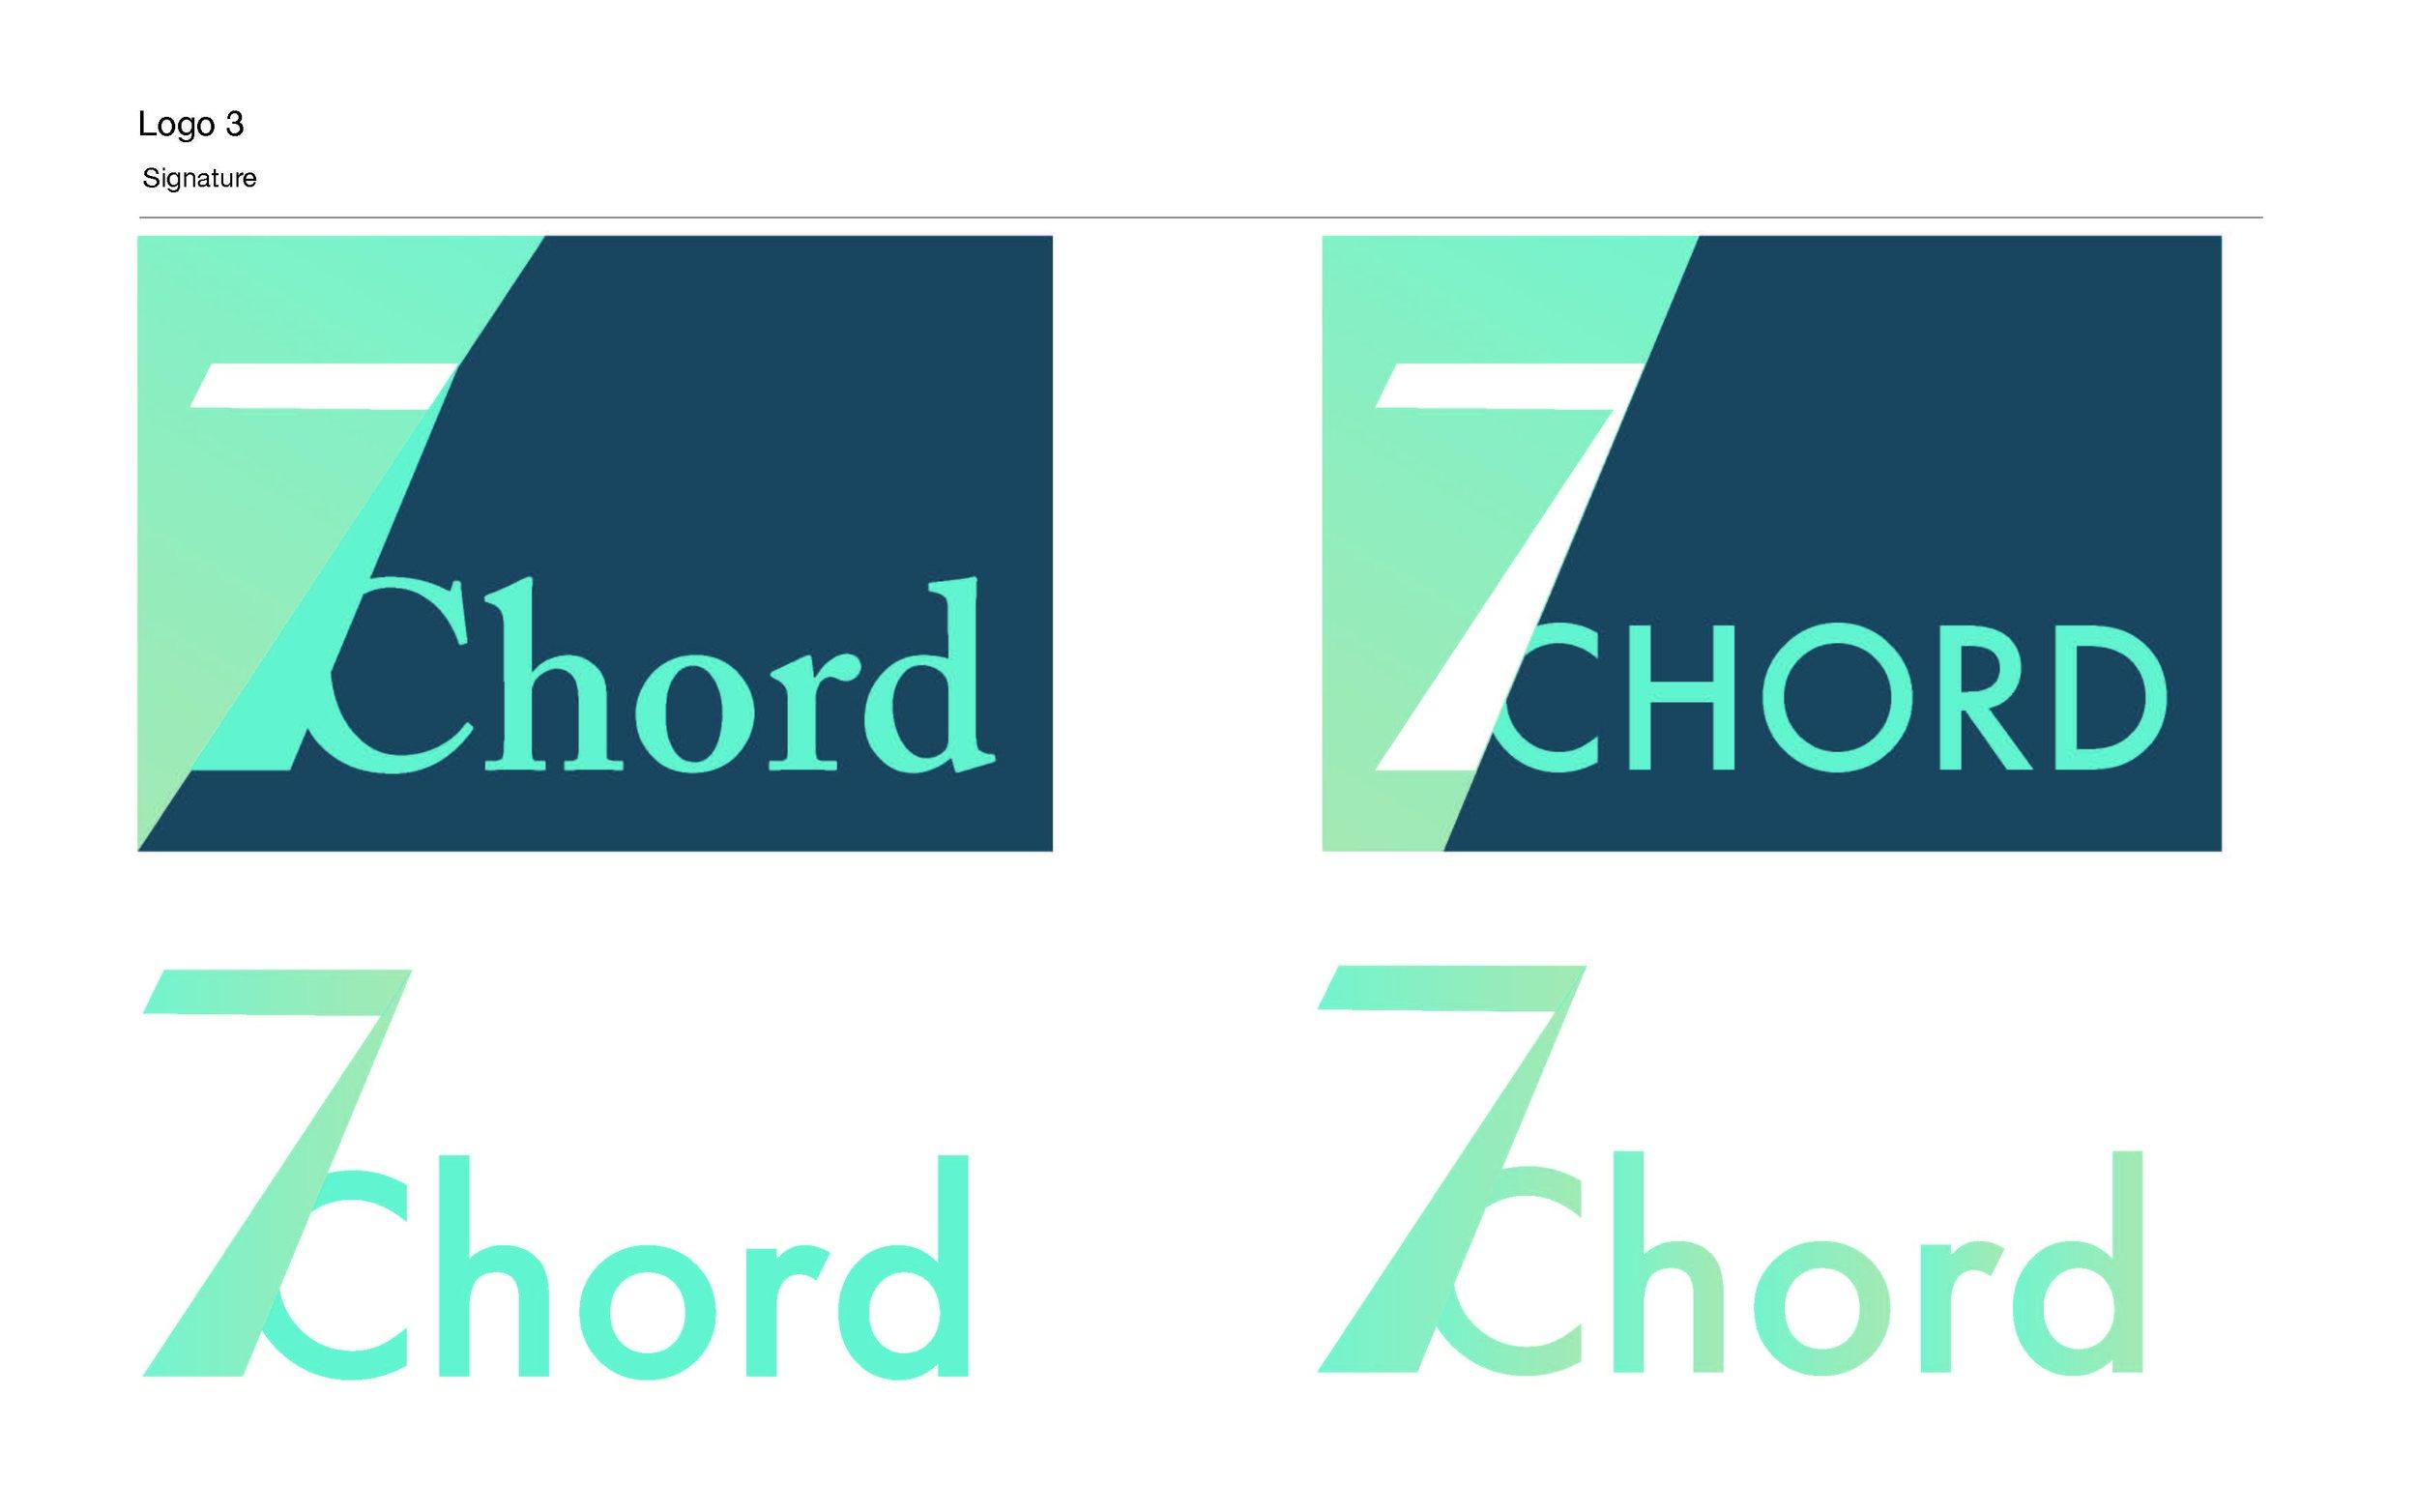 7chord_logo_v2_Page_4.jpg